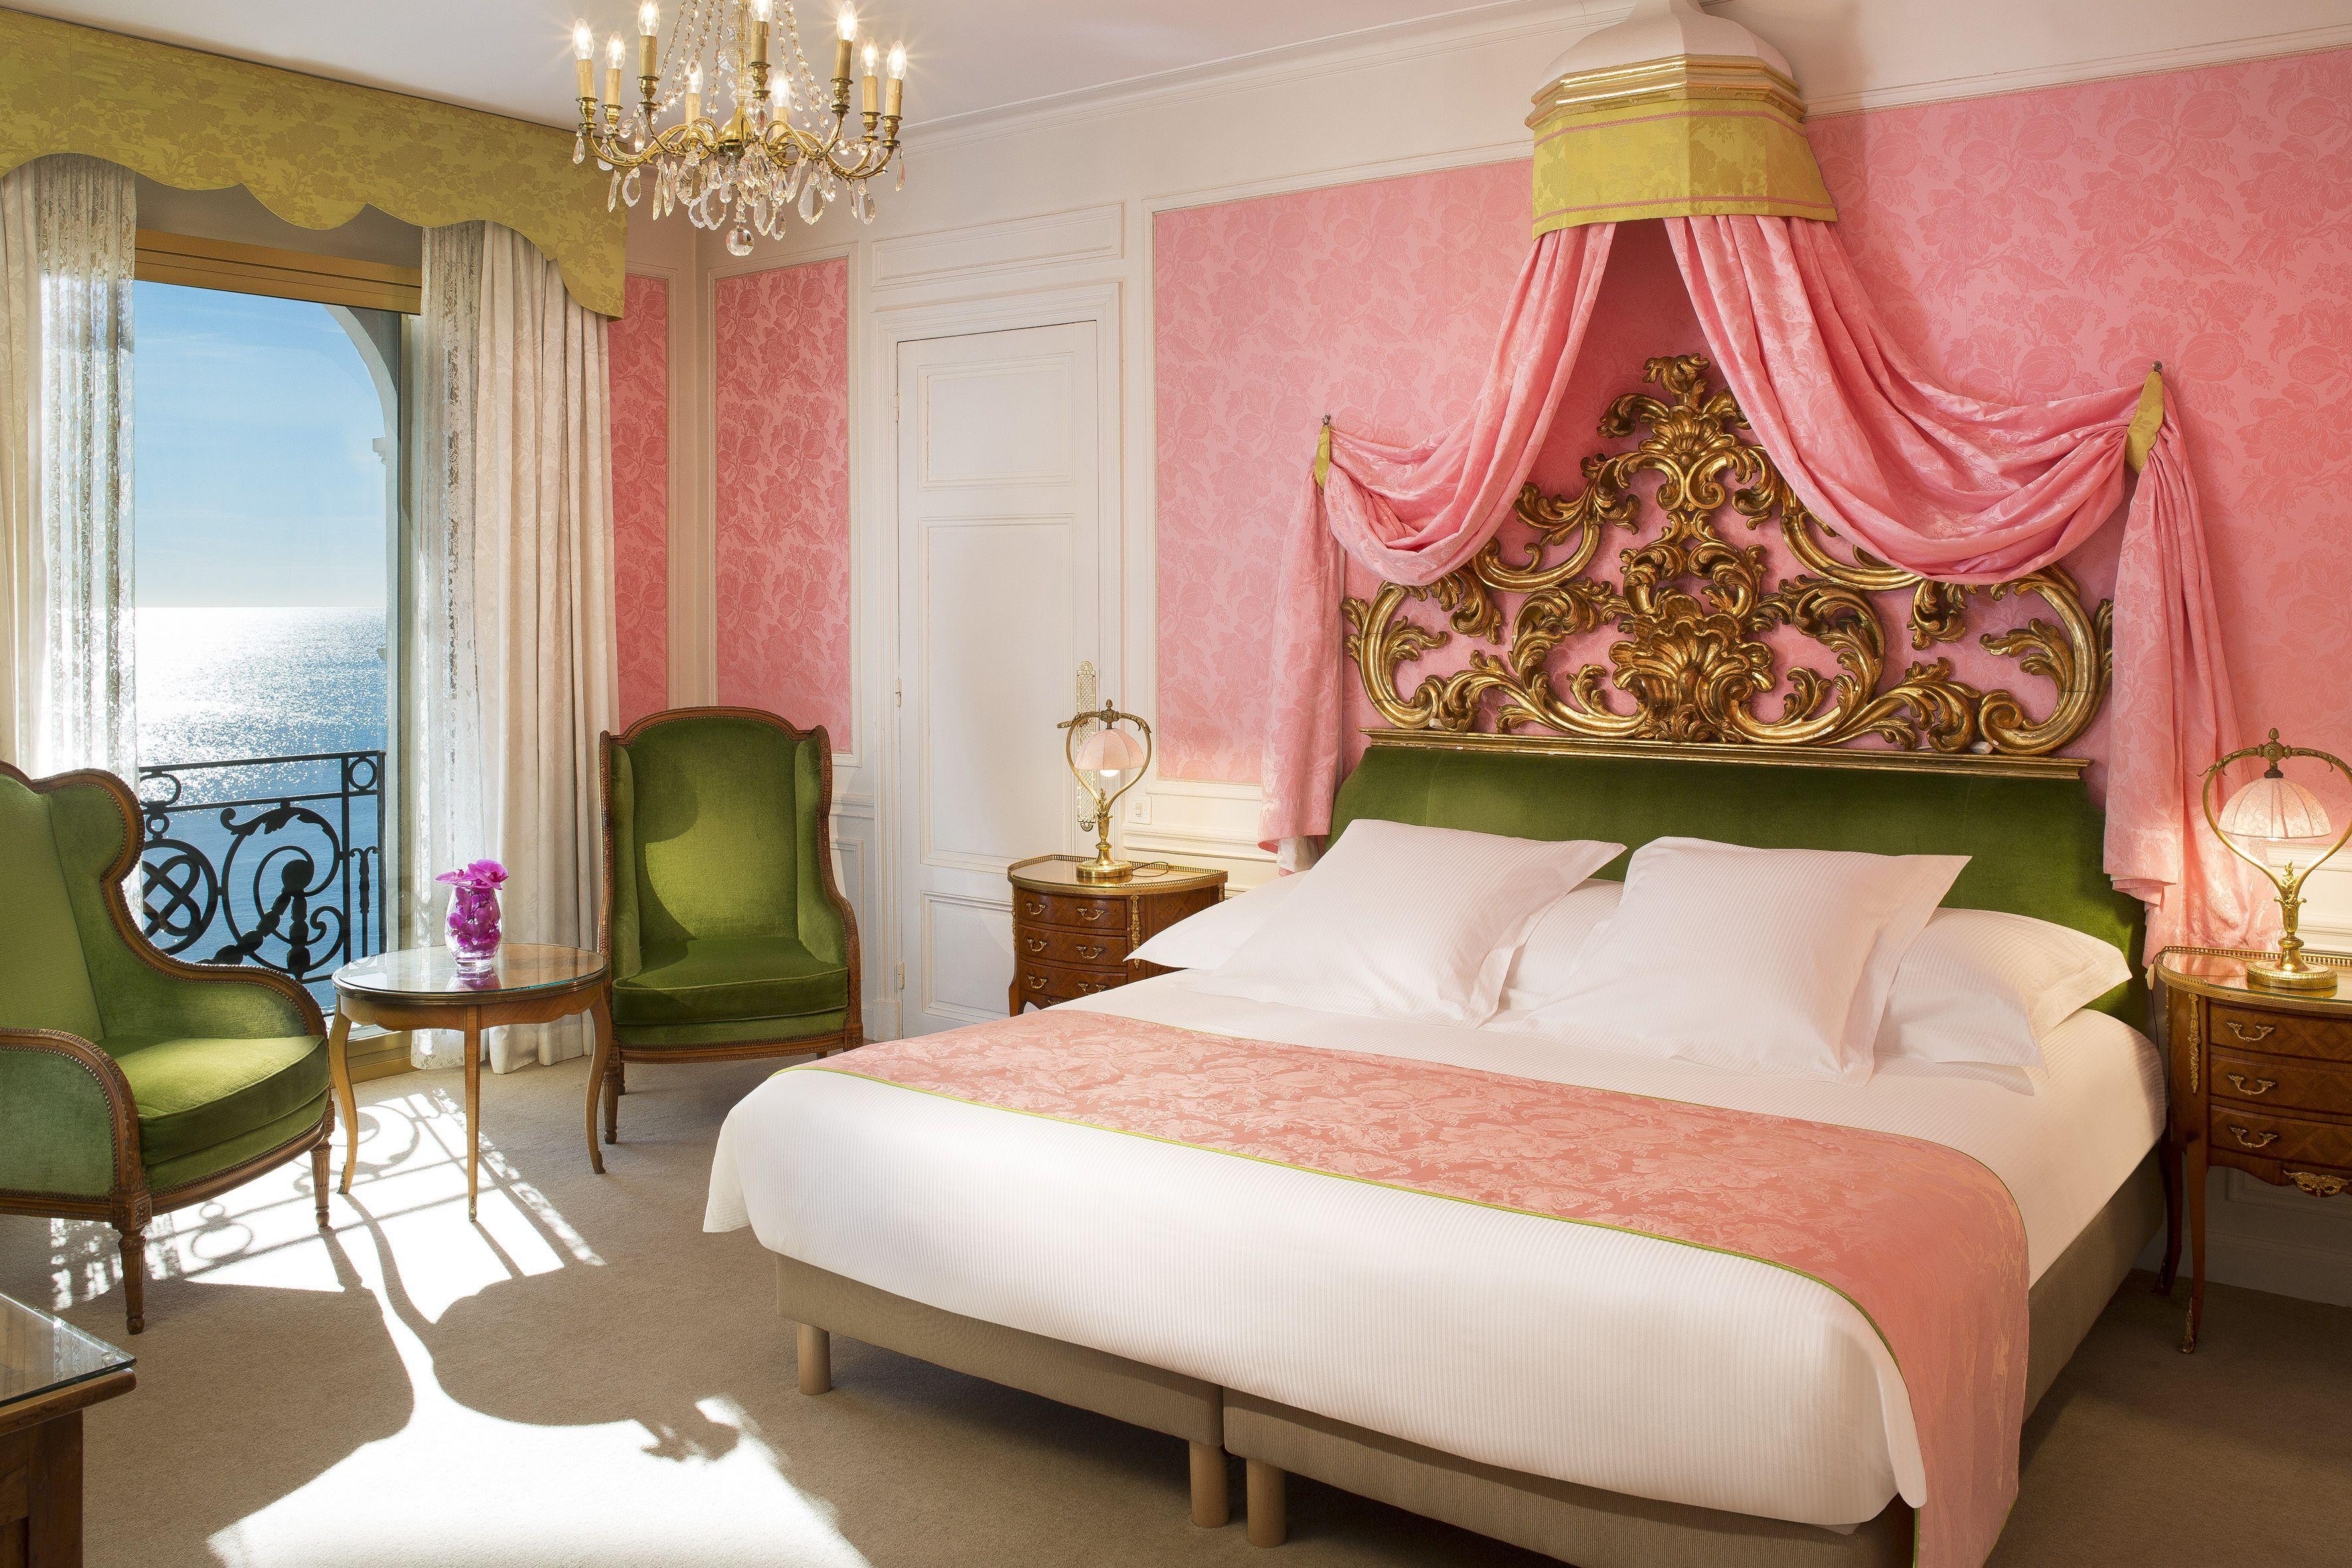 Courtesy of Hotel Le Negresco / Expedia.com